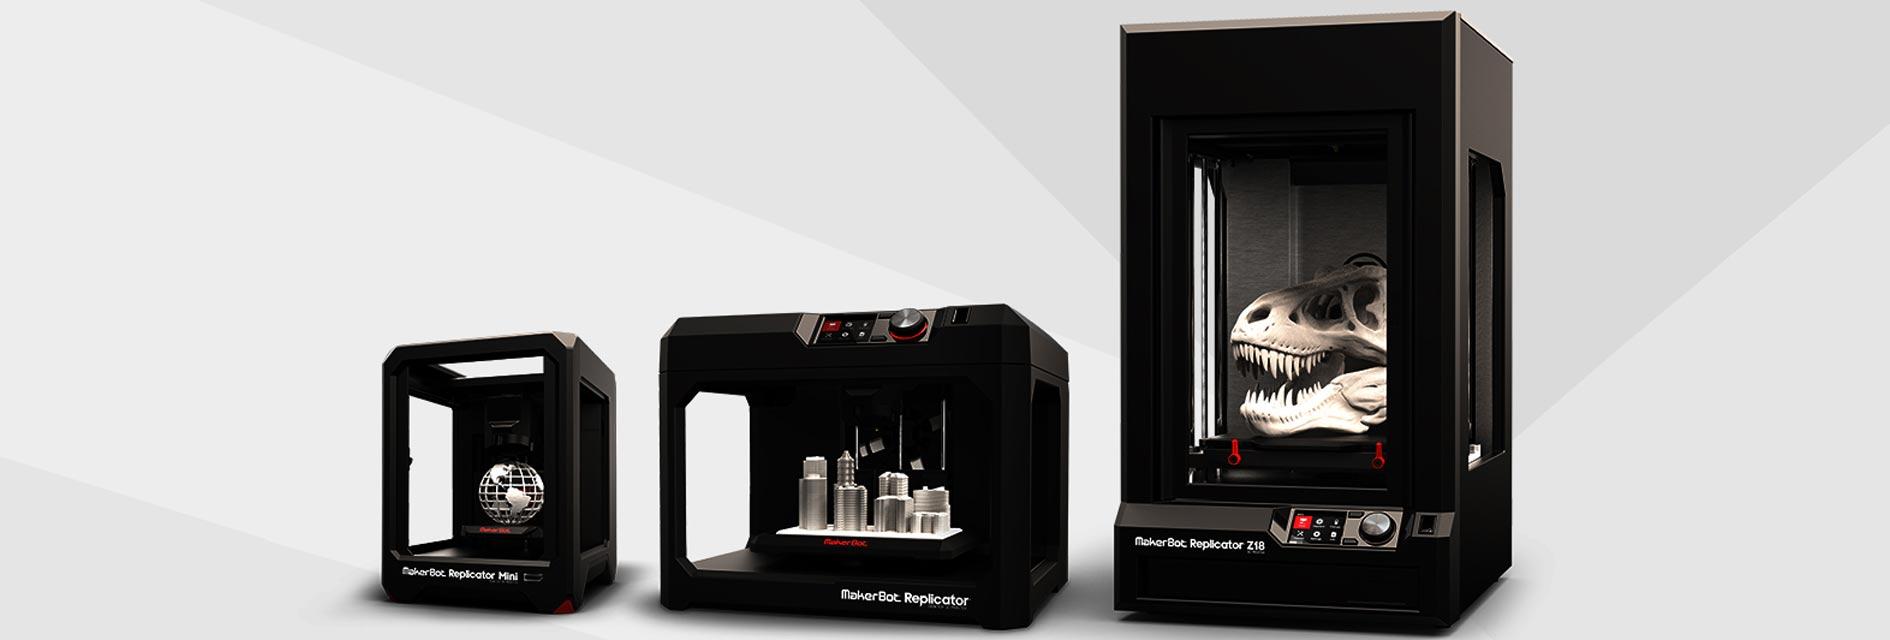 Ihre MakerBot, Formlabs und Sinterit 3D Drucker Schweiz Reseller, Support und Bildungs Webseite. 3D Drucker Lösungen / Schulungen aus Zürich für Schule, Bildungsinstitutionen, Unternehmen und Private.